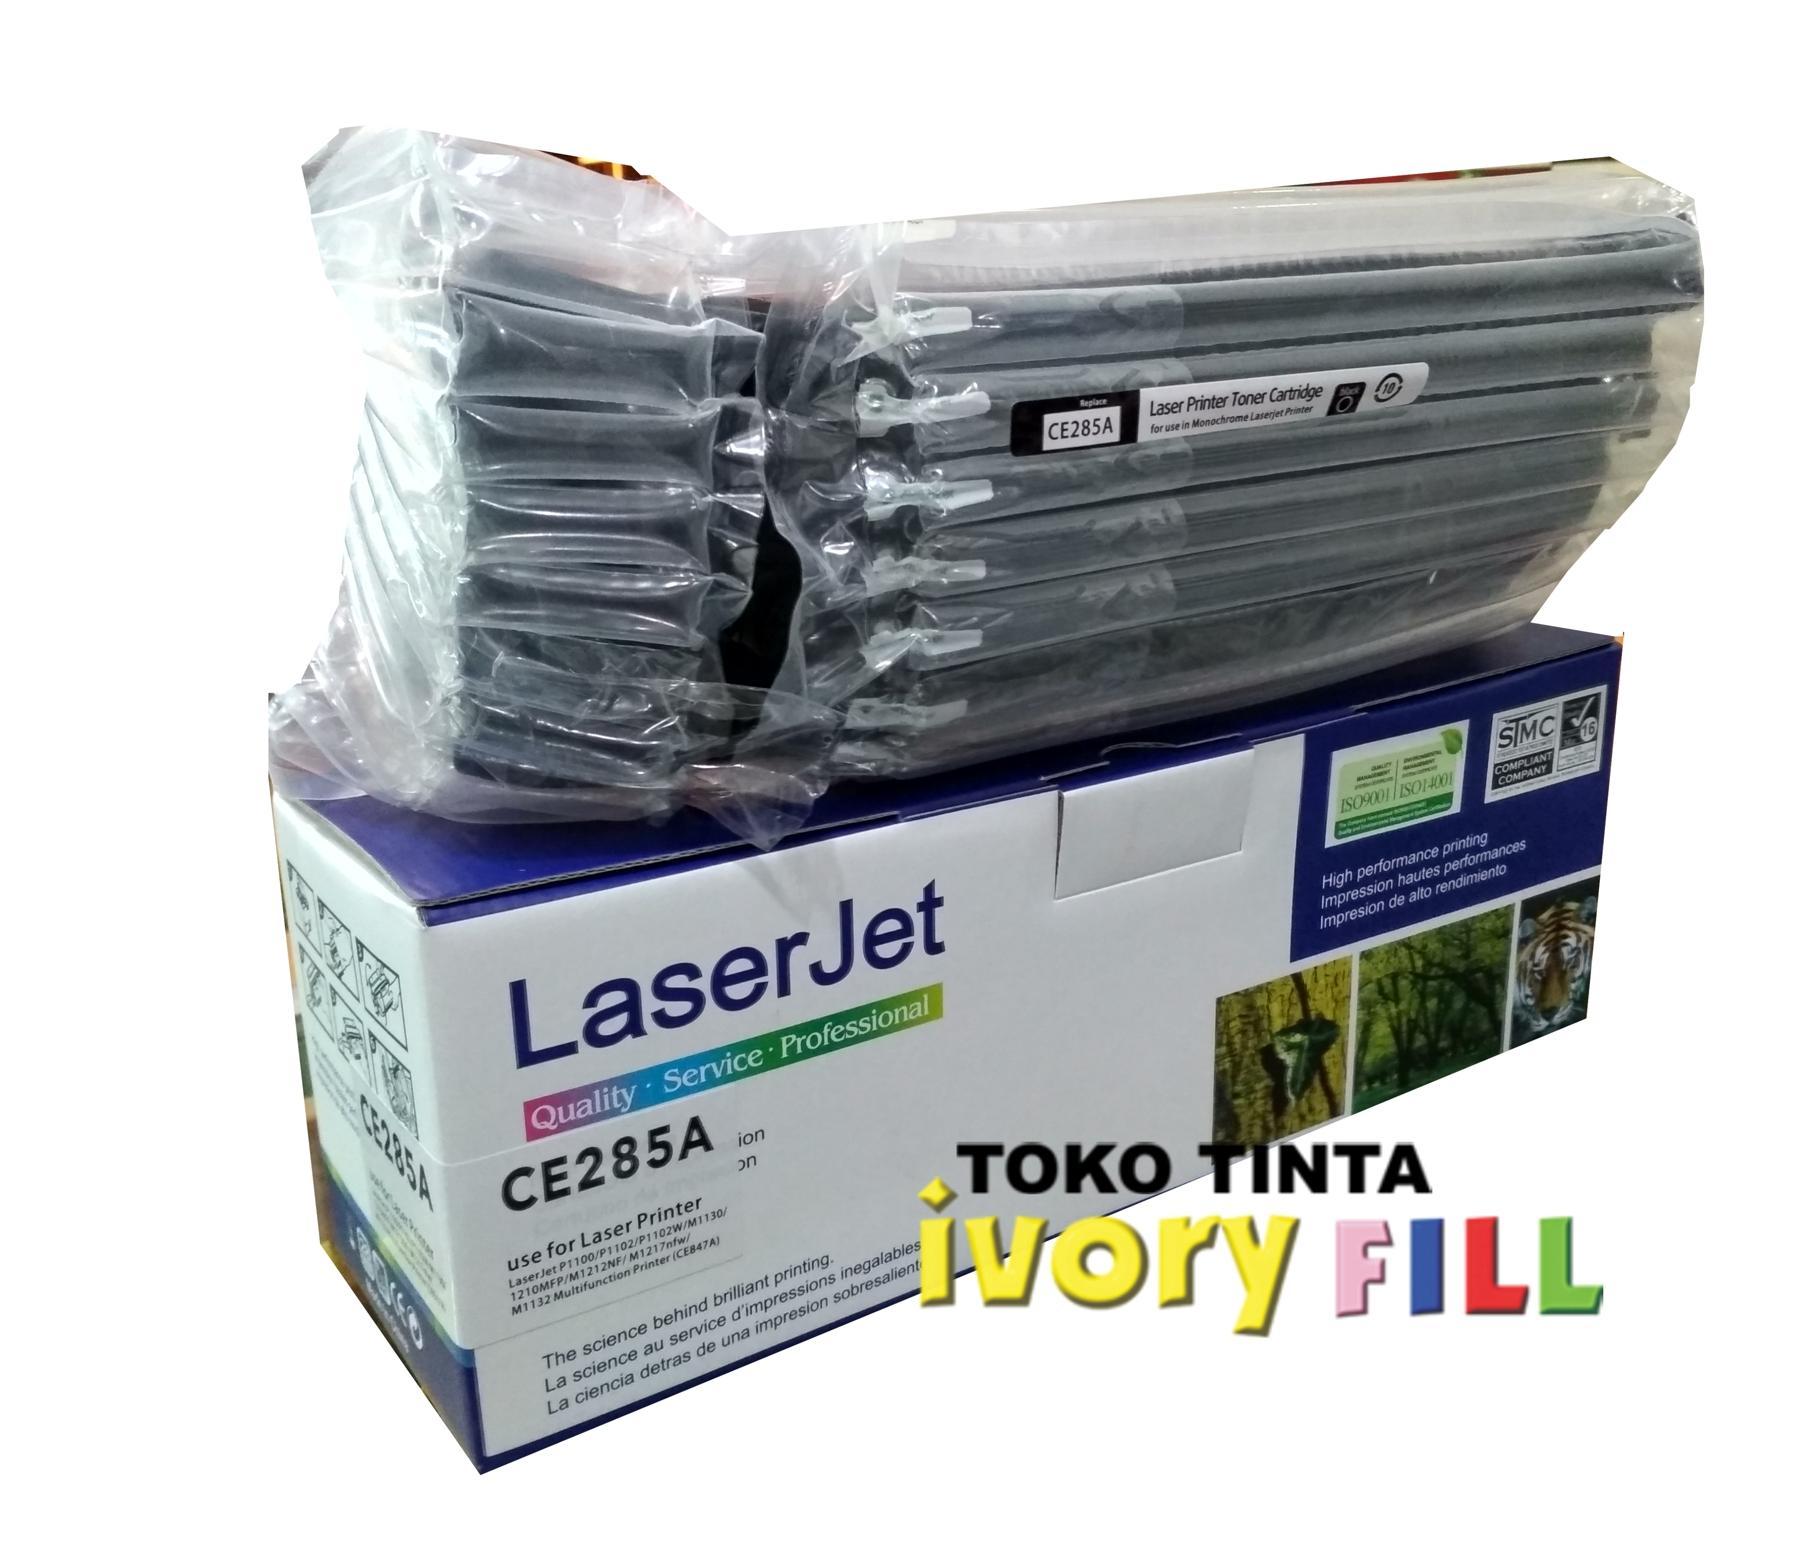 TONER UNTUK HP LASERJET P1102/P1102W/M1232/M1212/1217 COMPATIBLE LASER